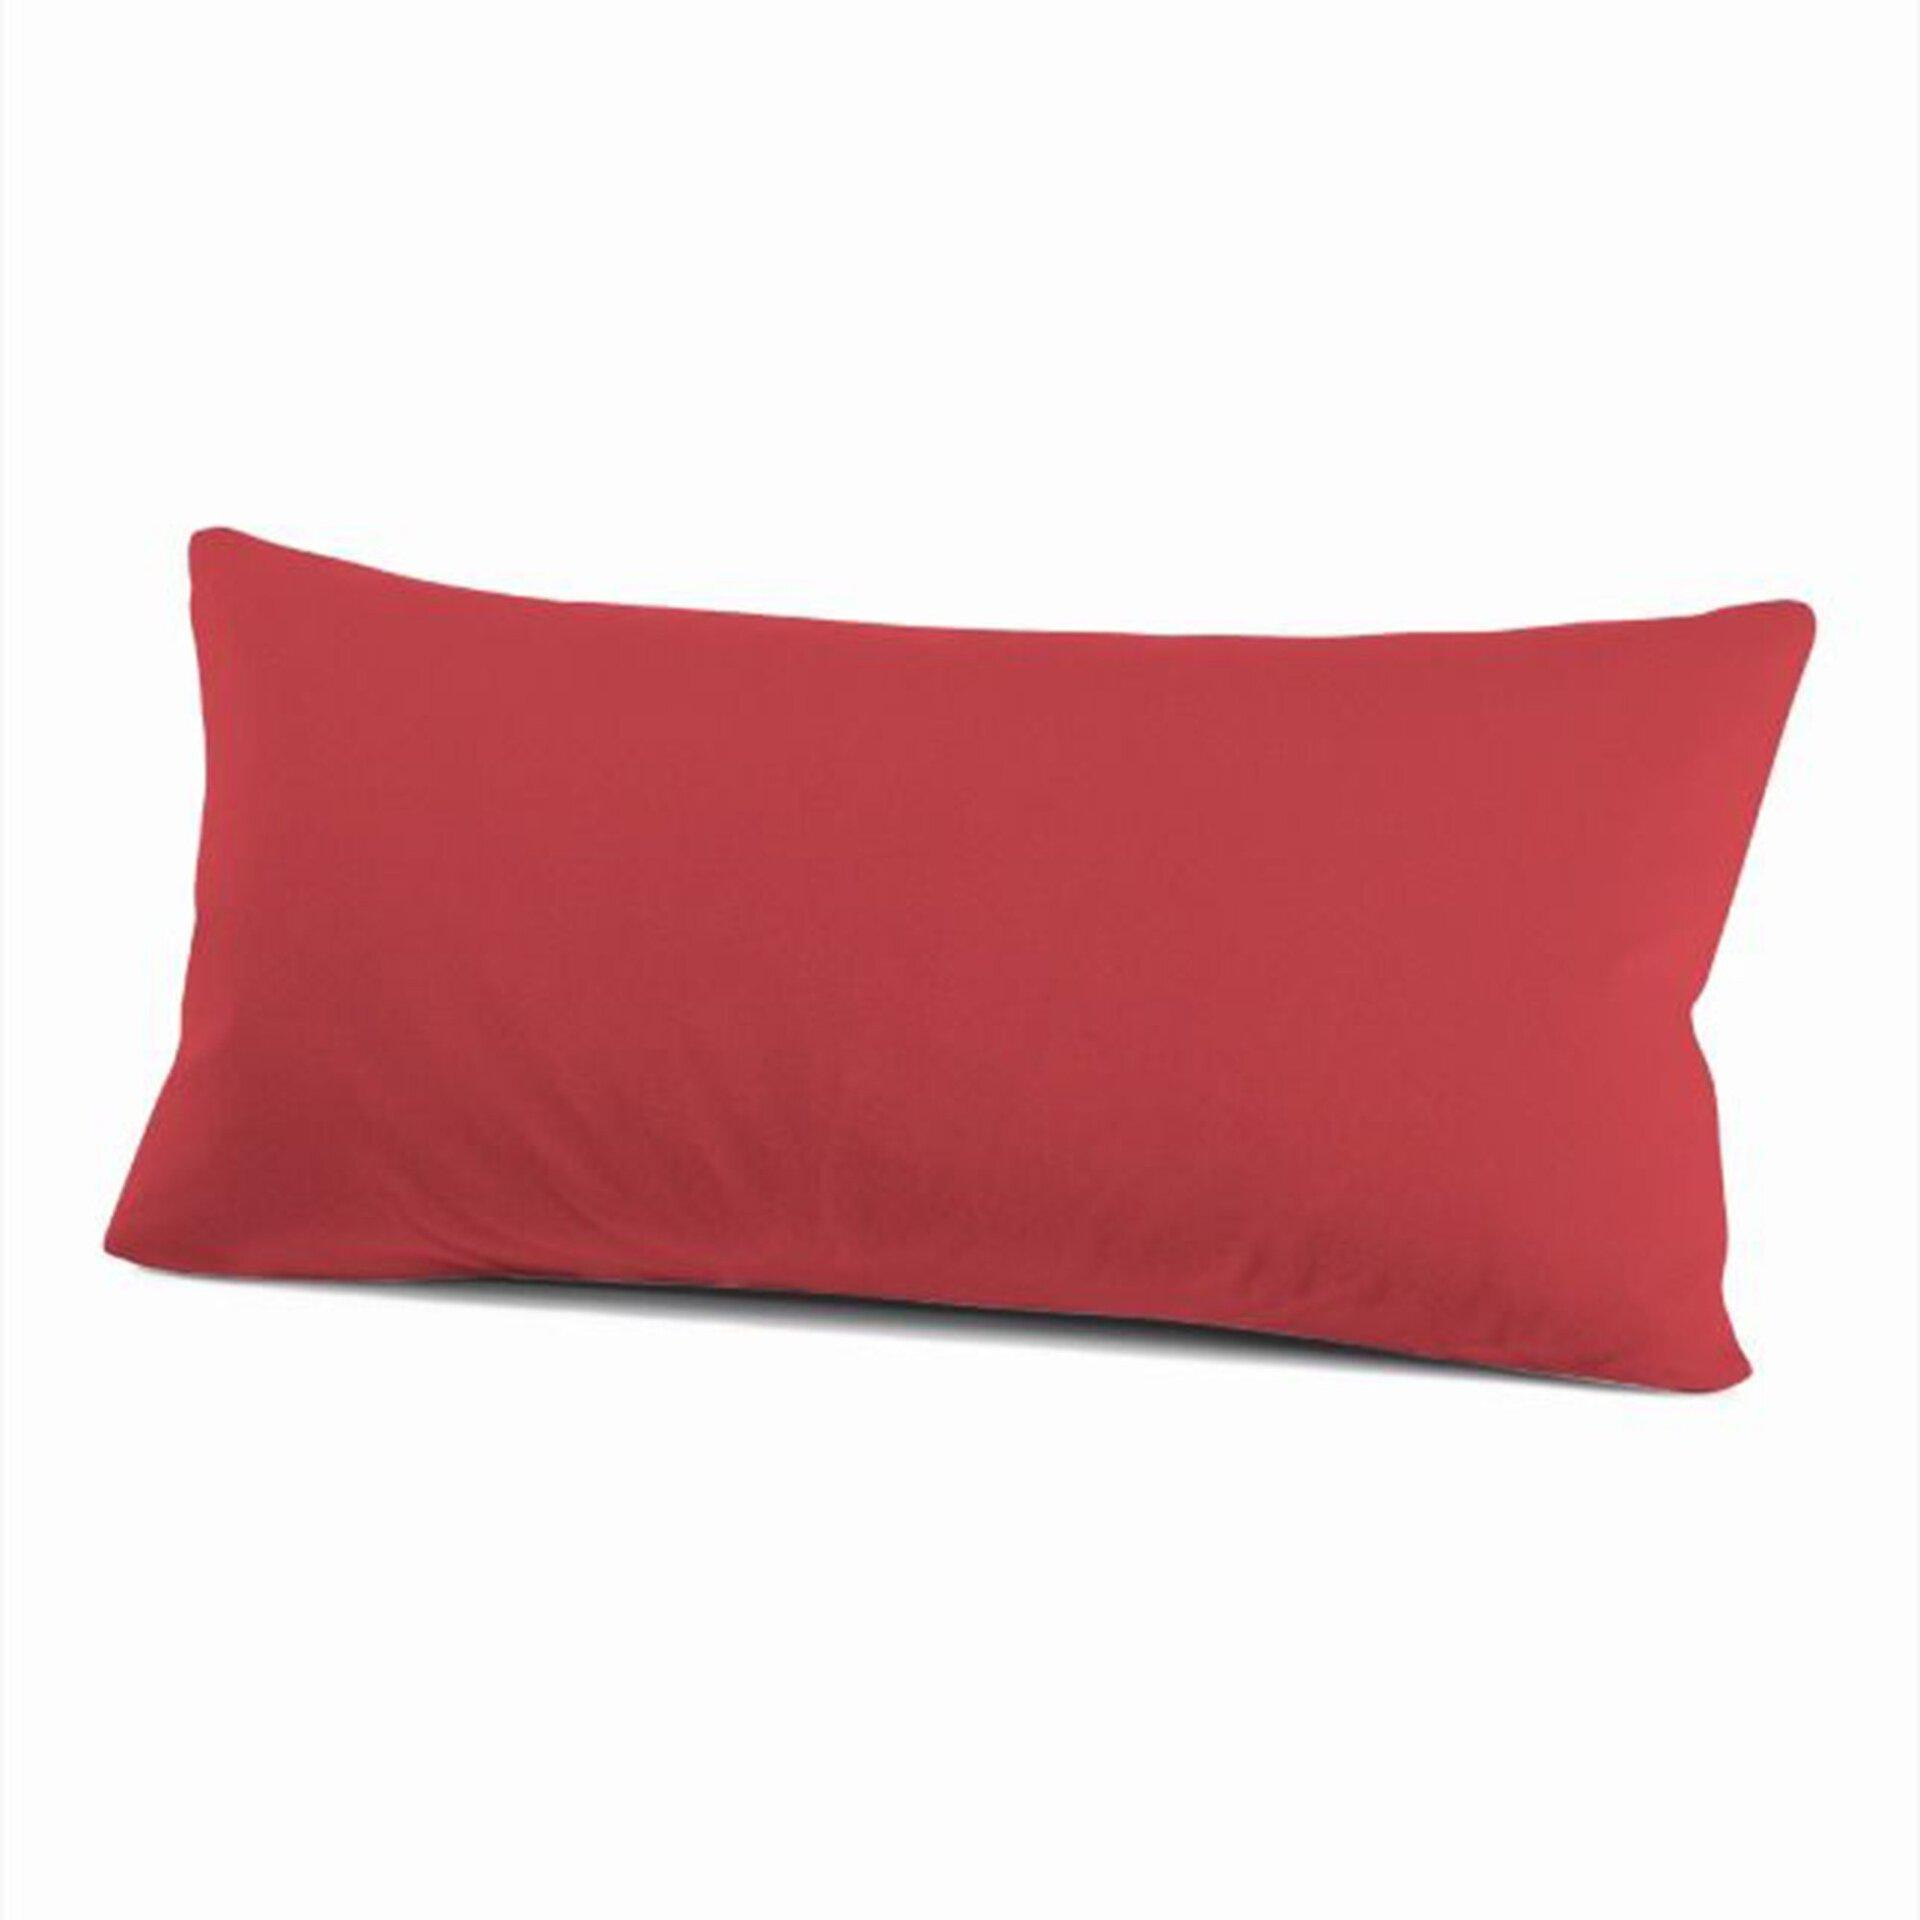 Kissenhülle Schlafgut Textil rot 40 x 80 cm